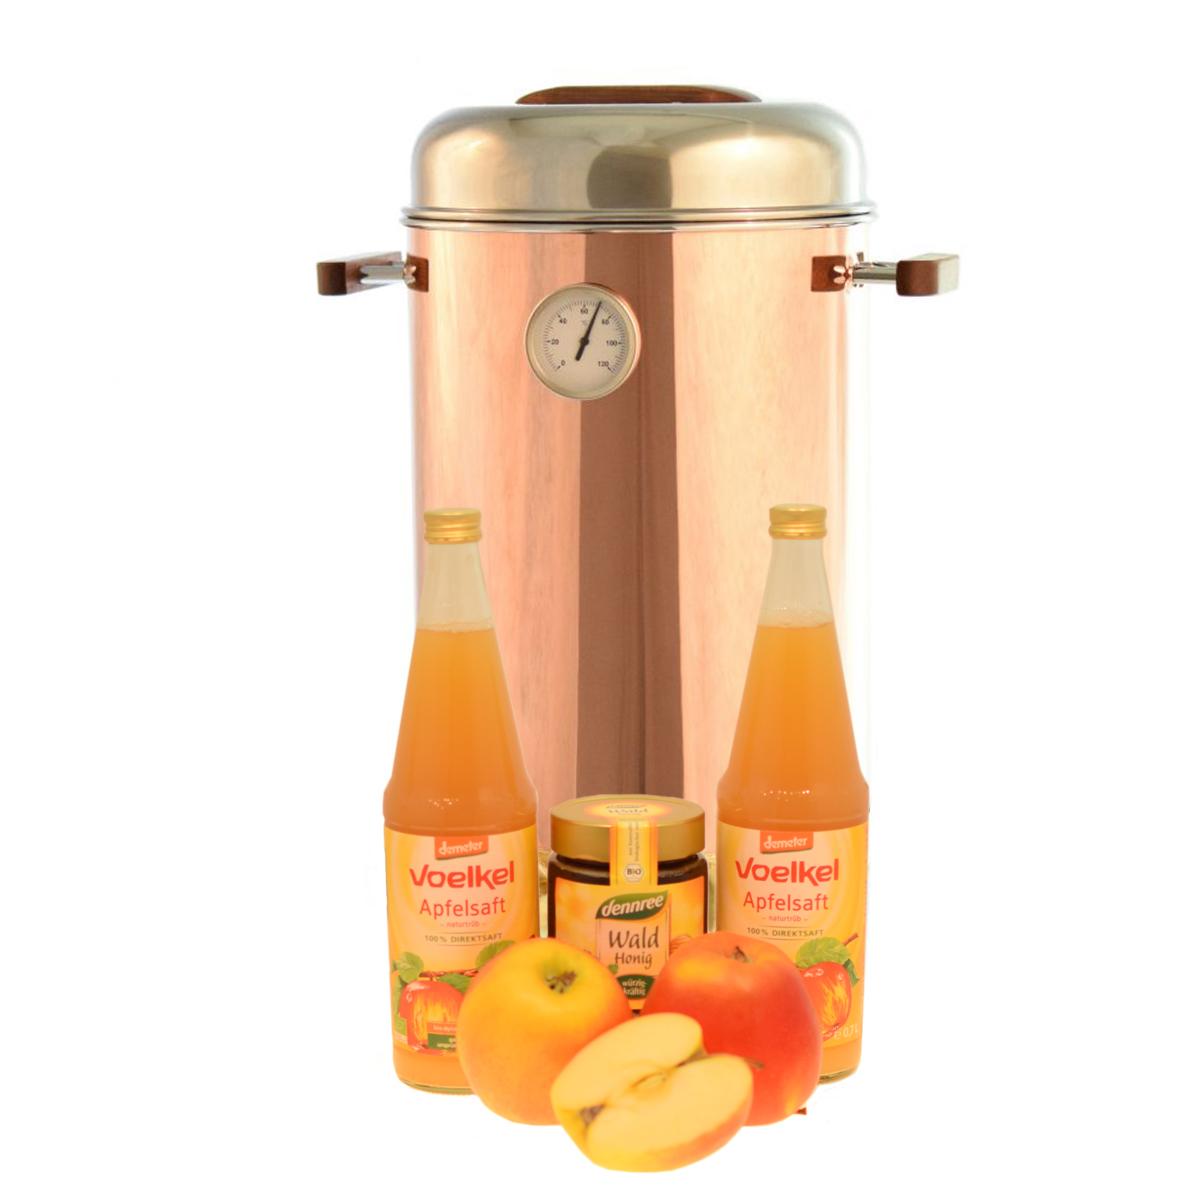 heißer Apfelsaft mit Honig